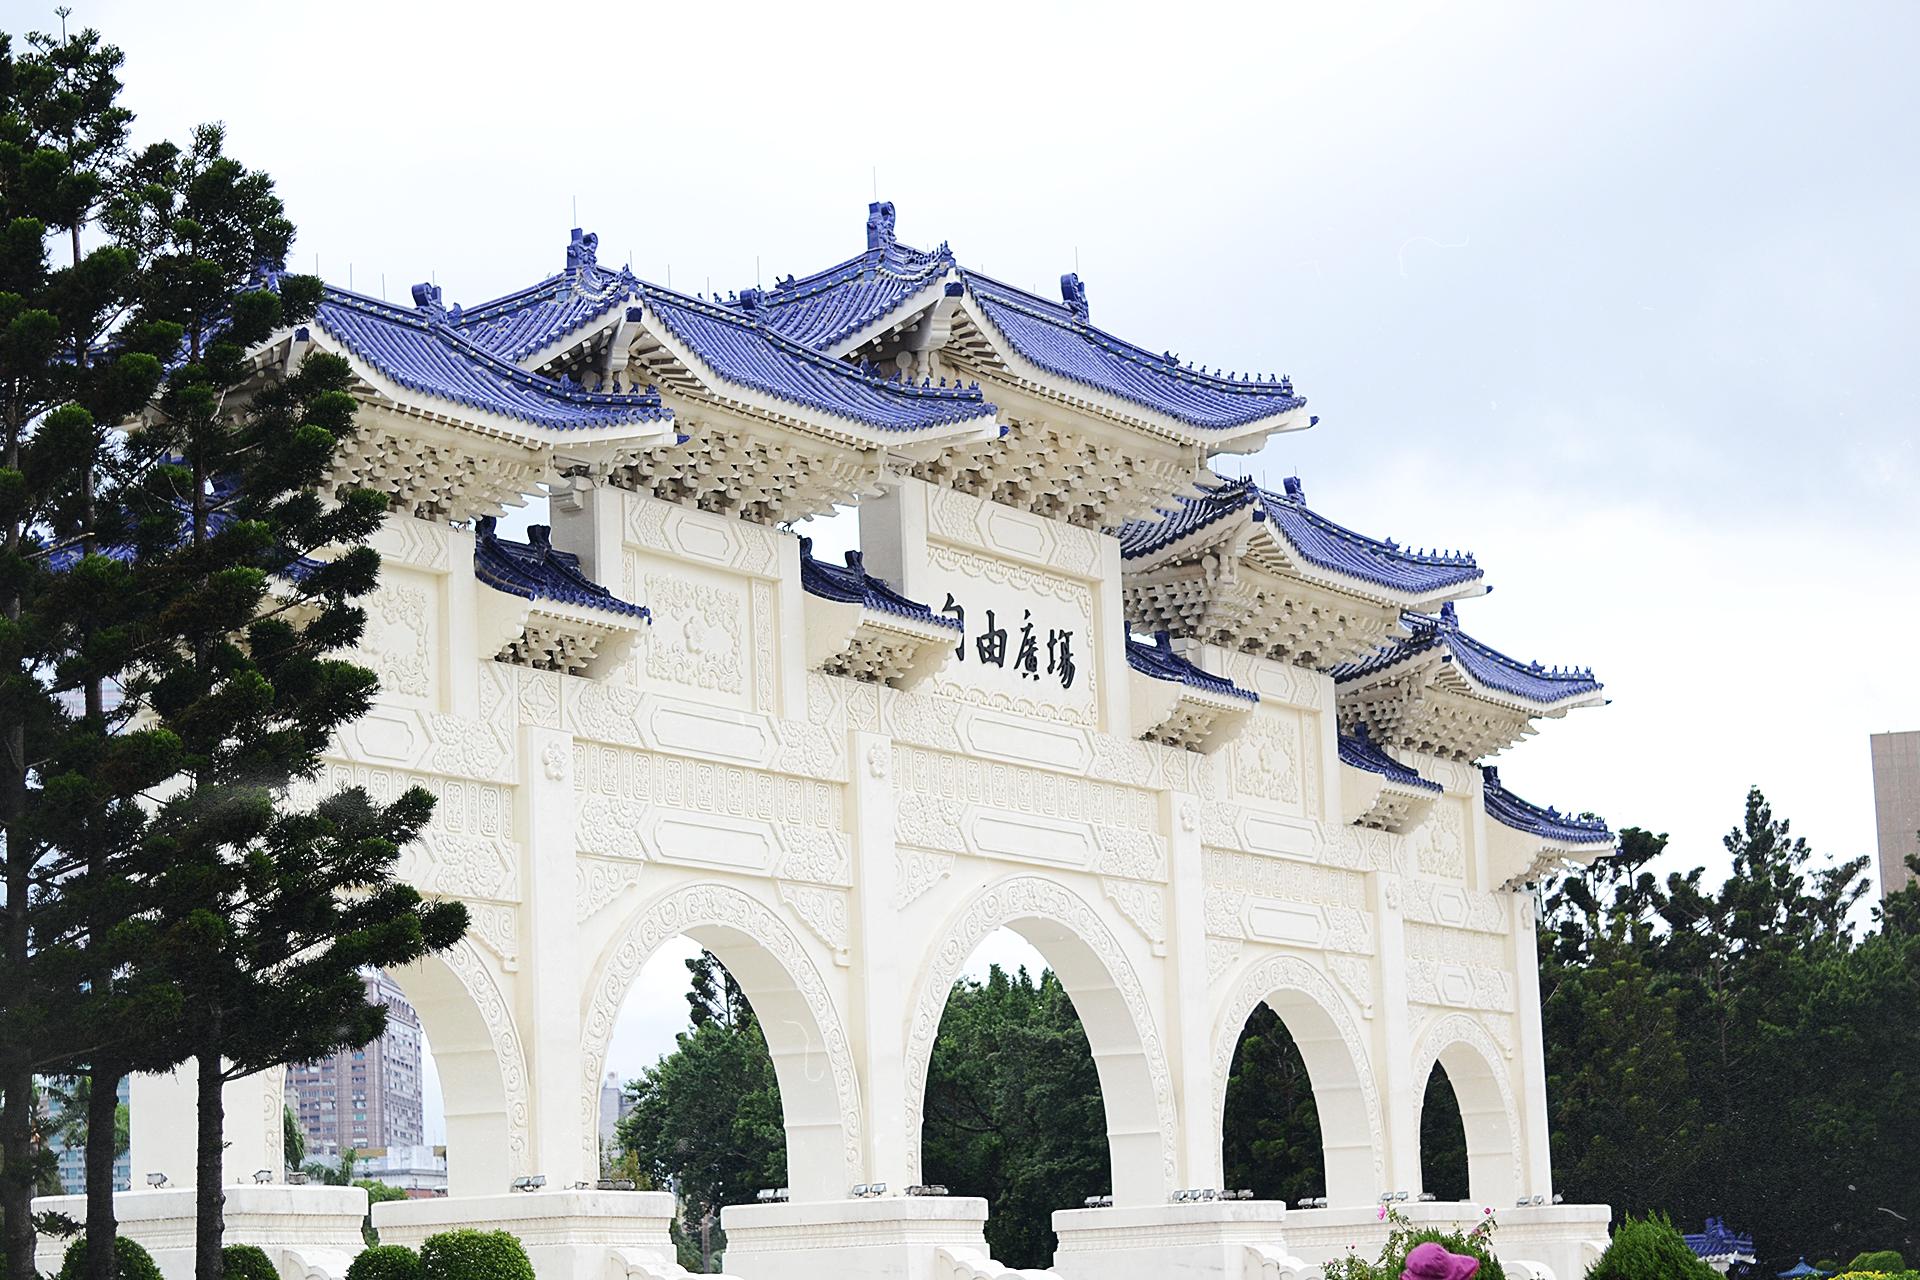 La entrada del Chiang-Kai Shek. Enorme.